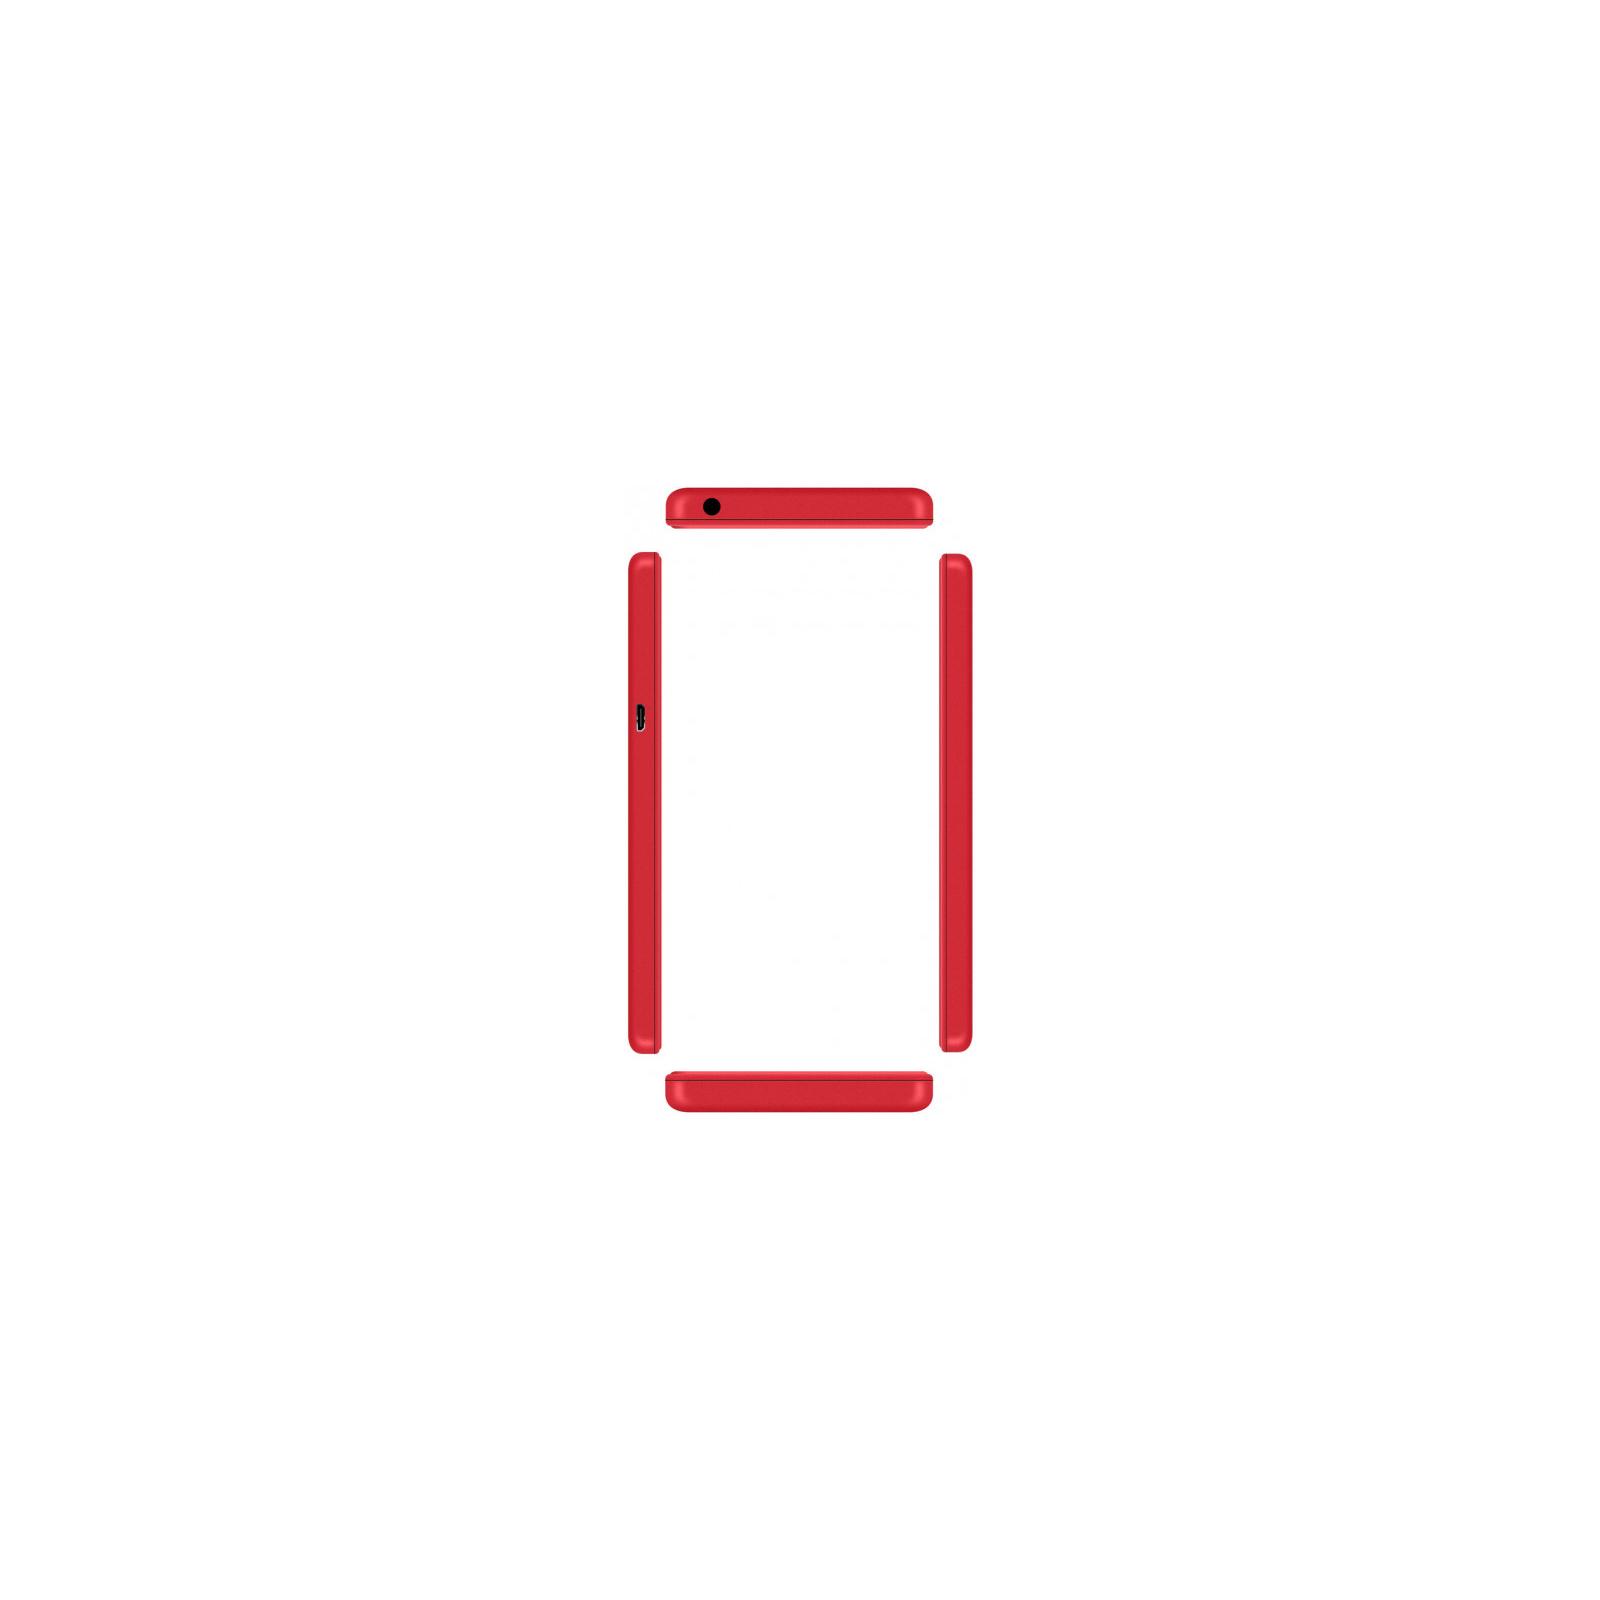 Мобильный телефон Verico Qin S282 Black (4713095606748) изображение 3